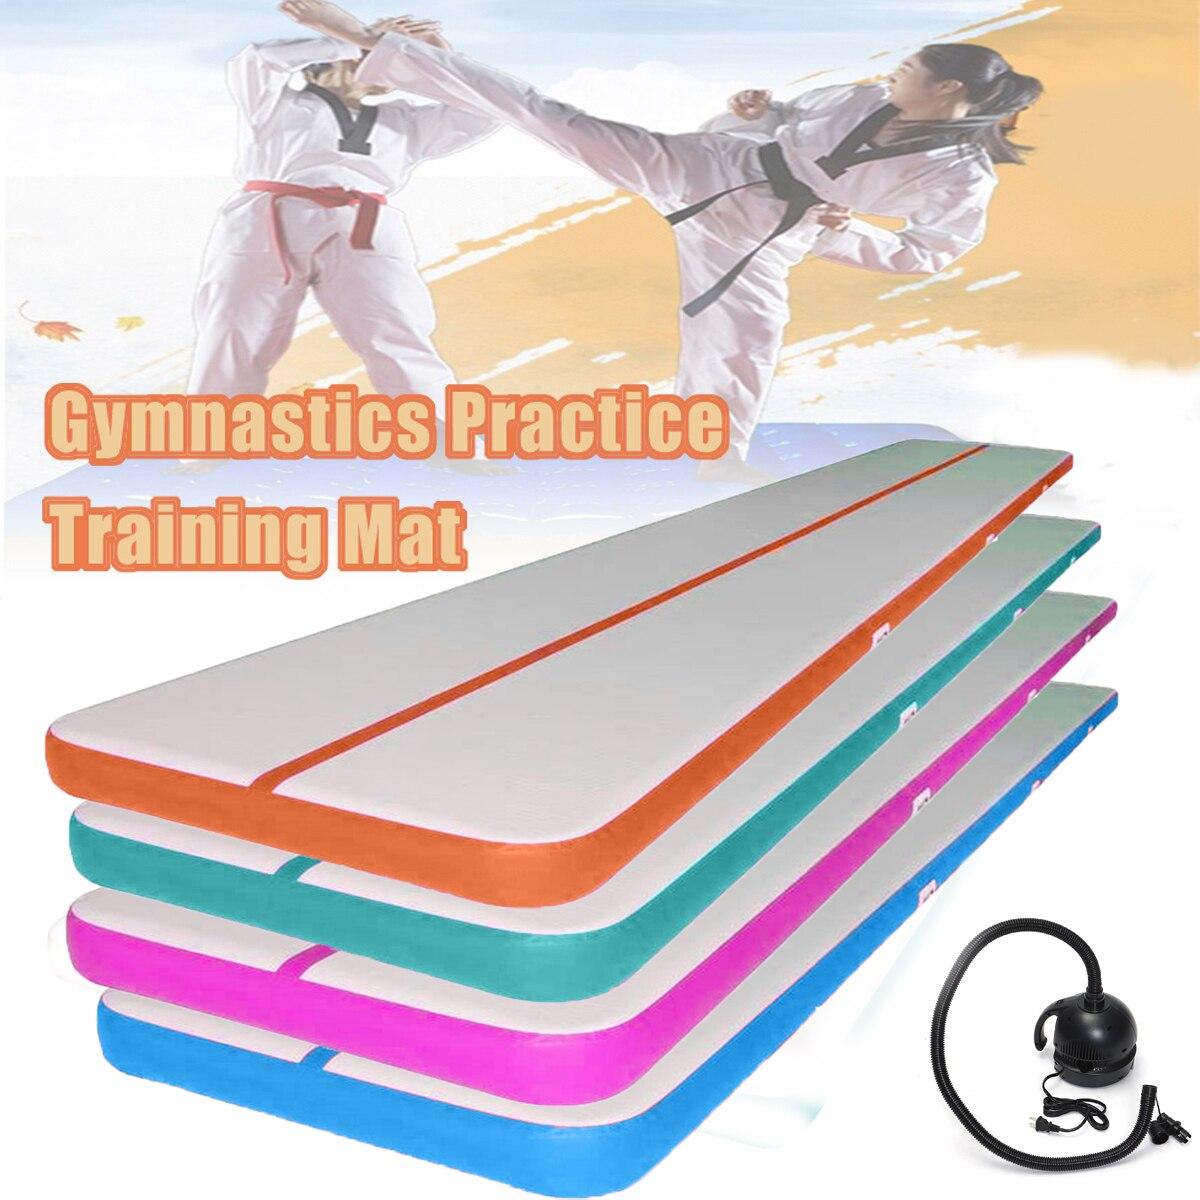 400x100x10 cm tapis de gymnastique de piste d'air gonflable tapis d'entraînement de culbuteur + pompe à Air 220 v